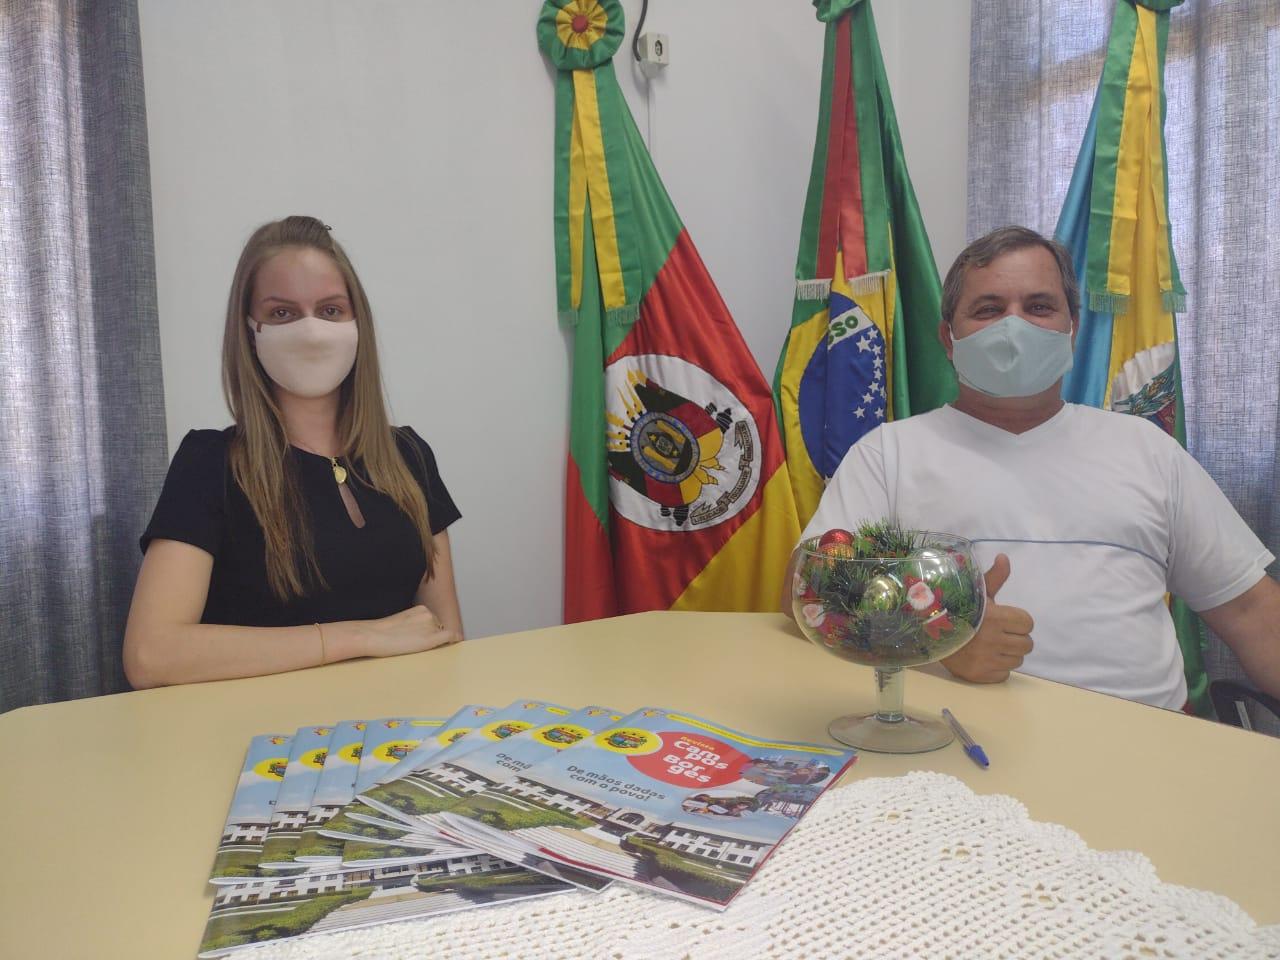 Administração de Campos Borges distribui revista informativa com suas obras